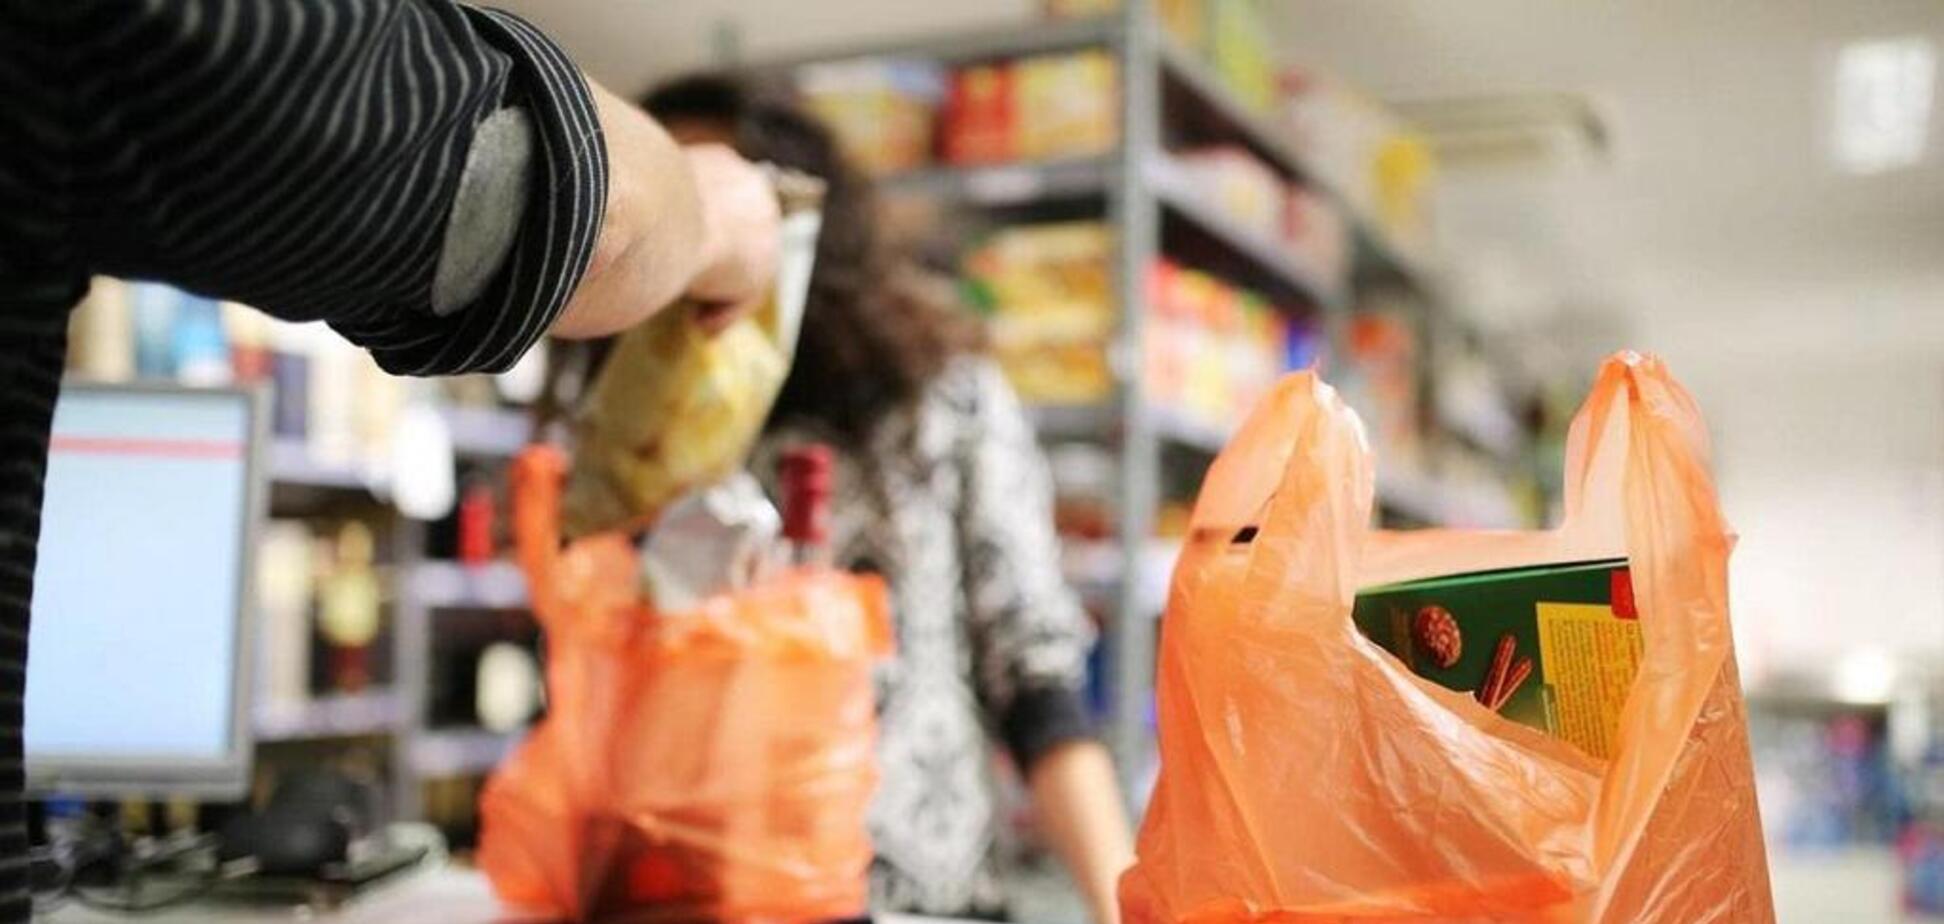 В Украине хотят запретить бесплатную раздачу пластиковых пакетов